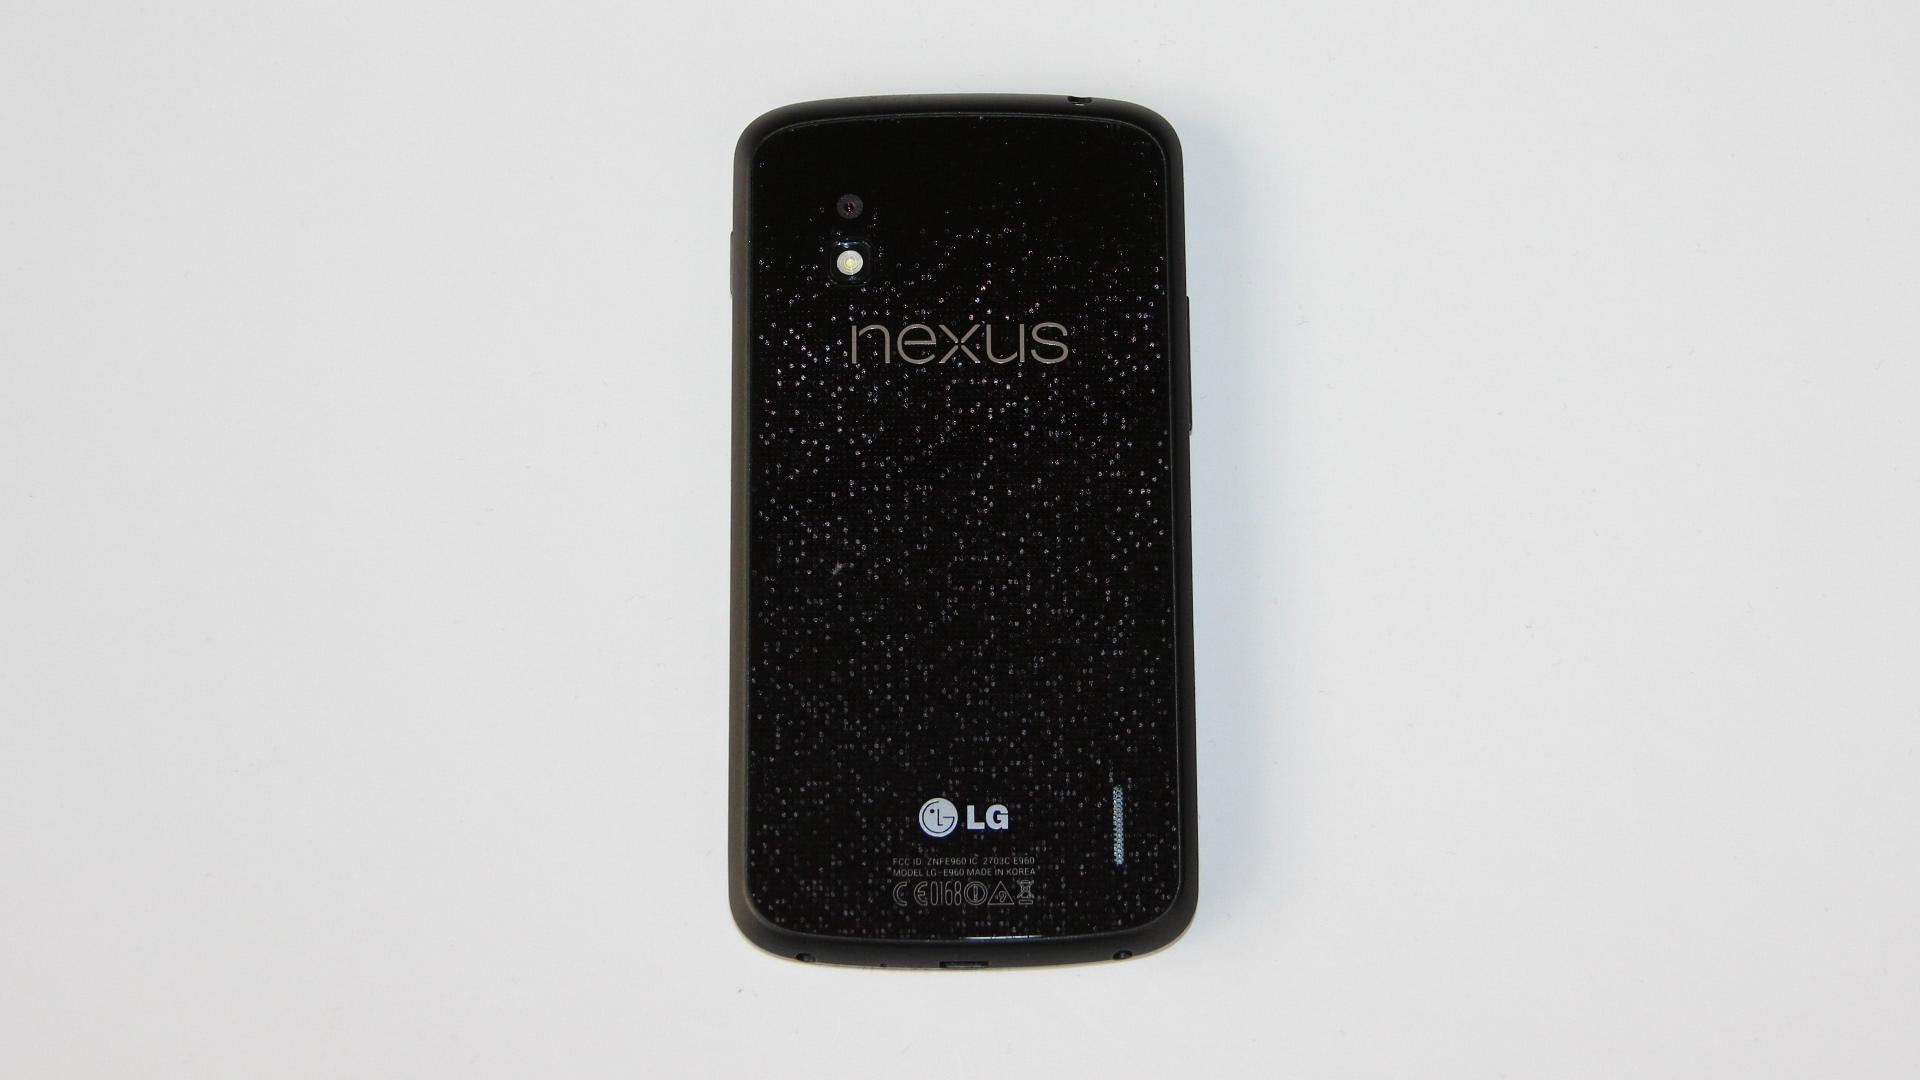 Google UK-Chef entschuldigt sich für Ärger bei Nexus 4 Bestellungen